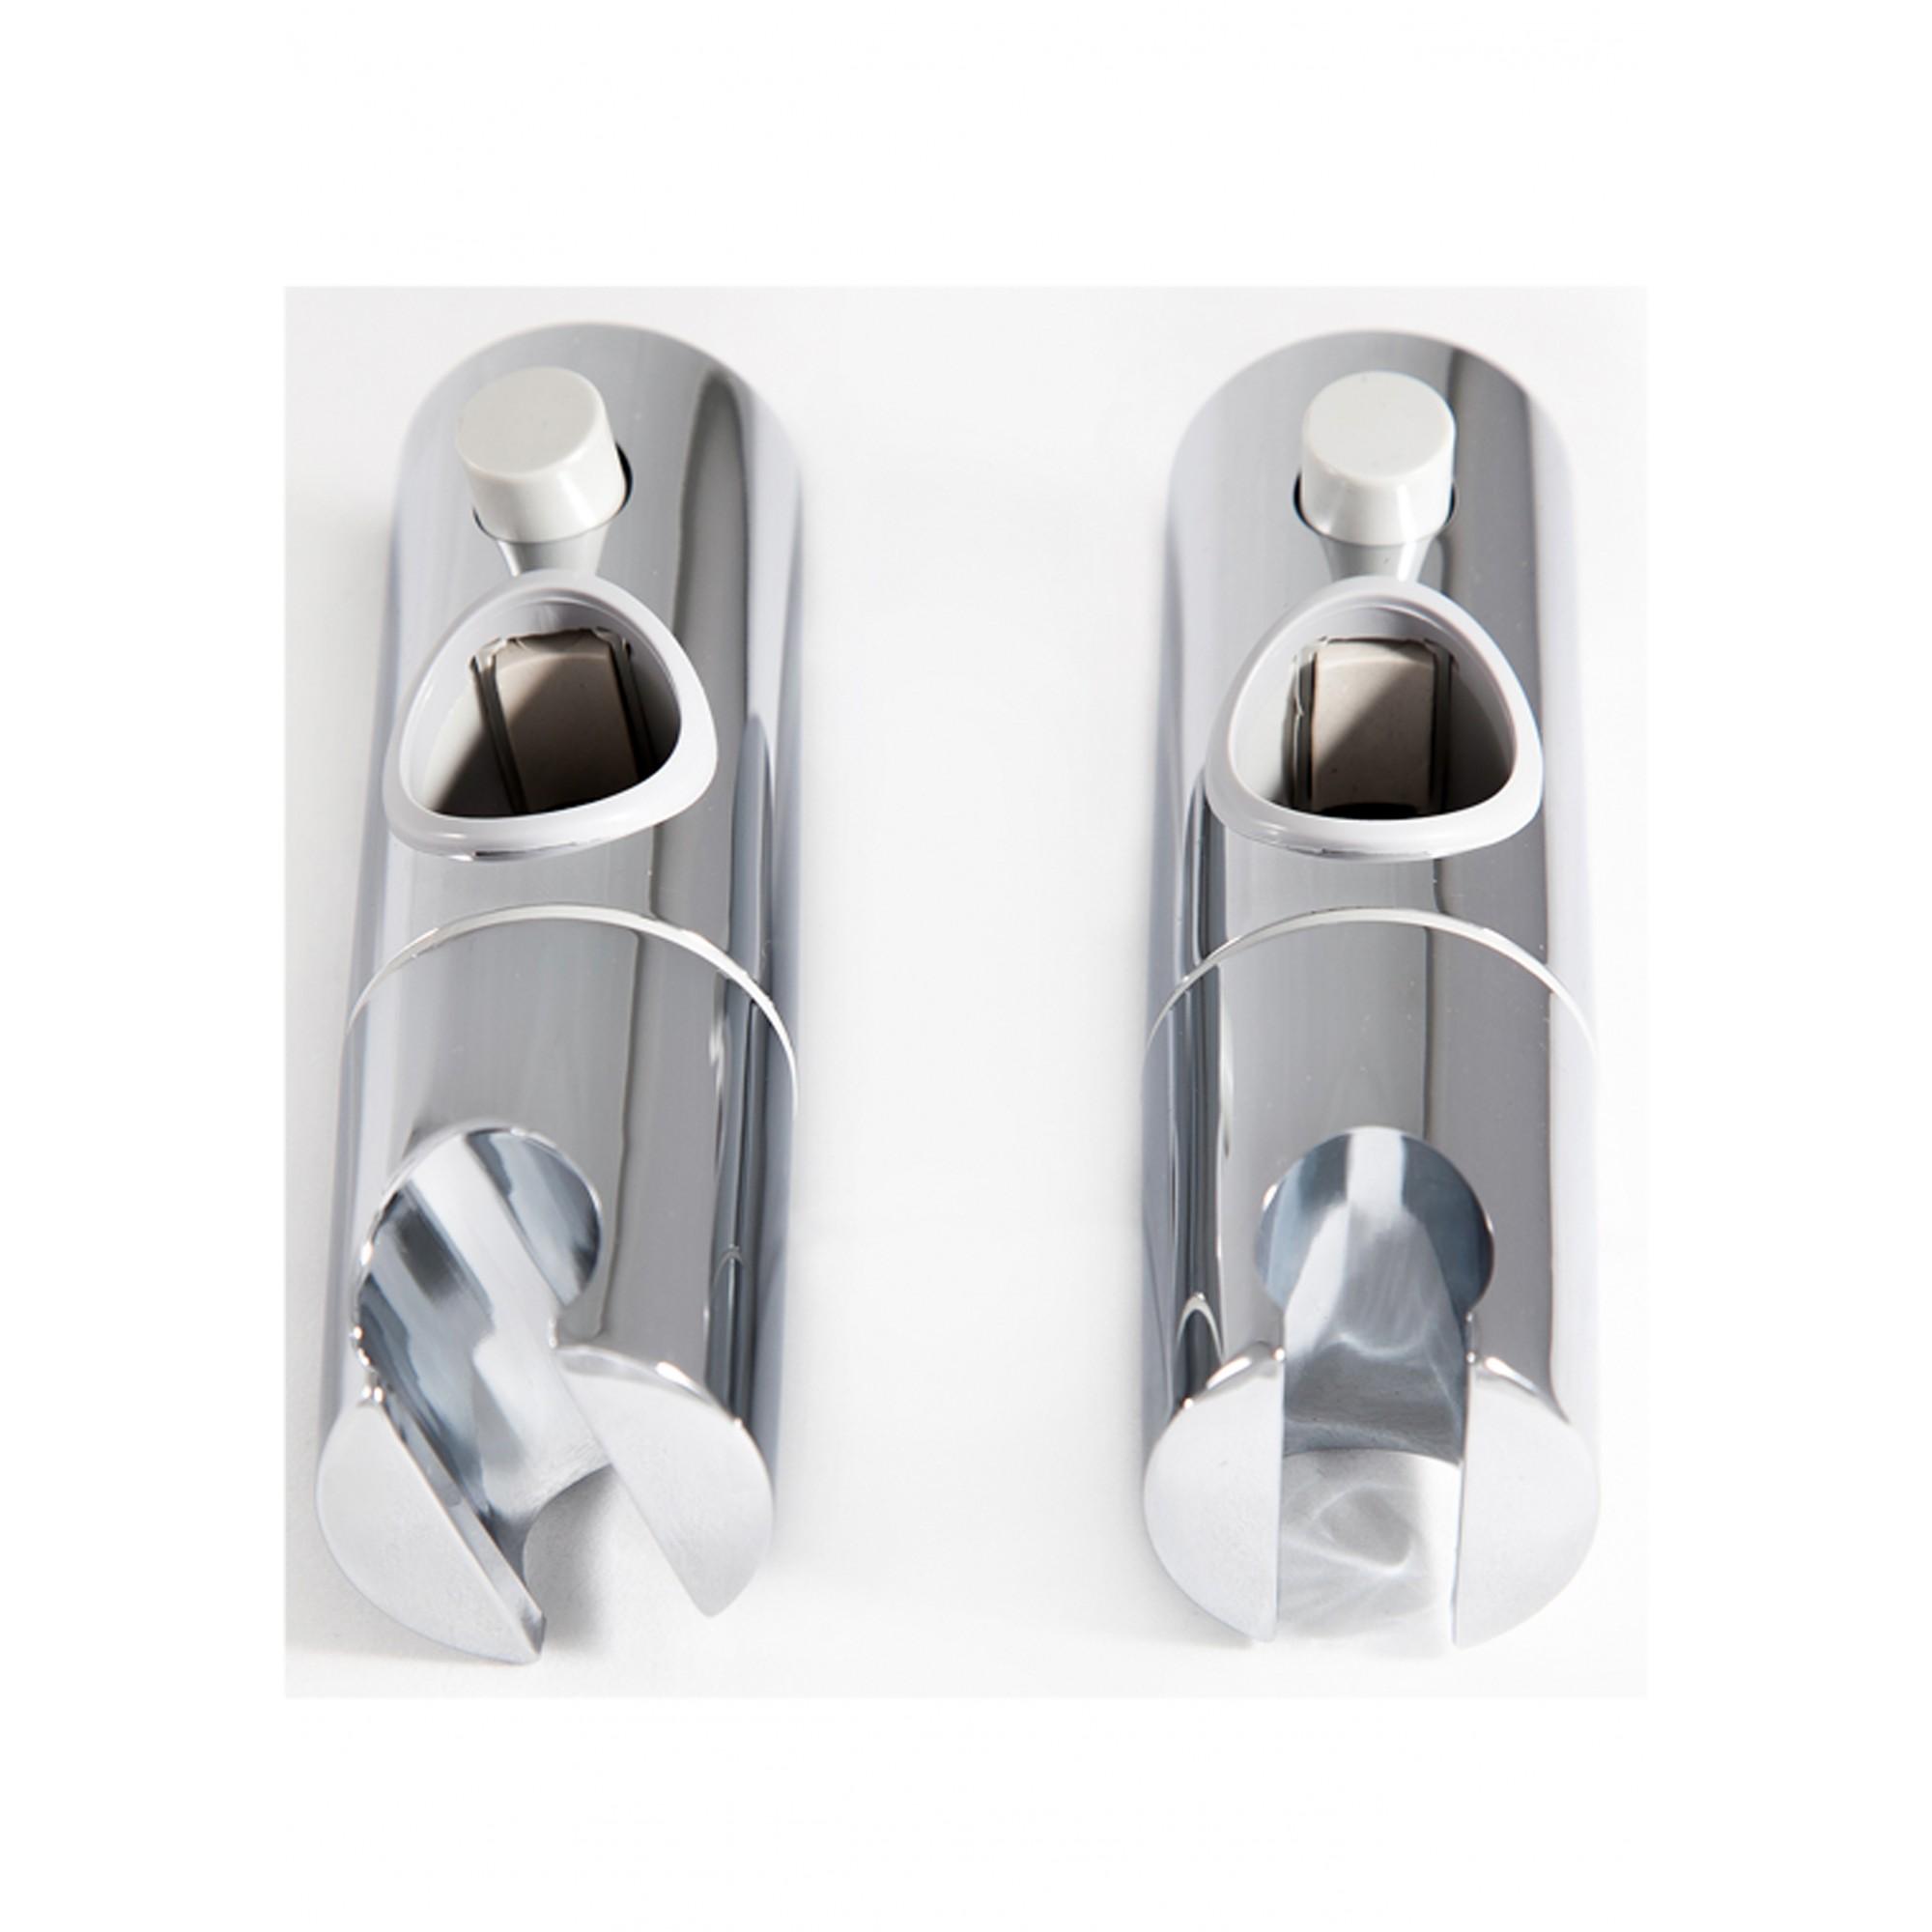 Держатель лейки душа пластиковый с кнопкой и трещеткой, поворотный Н56 для стойки 25 мм ANGO ANGO - 1